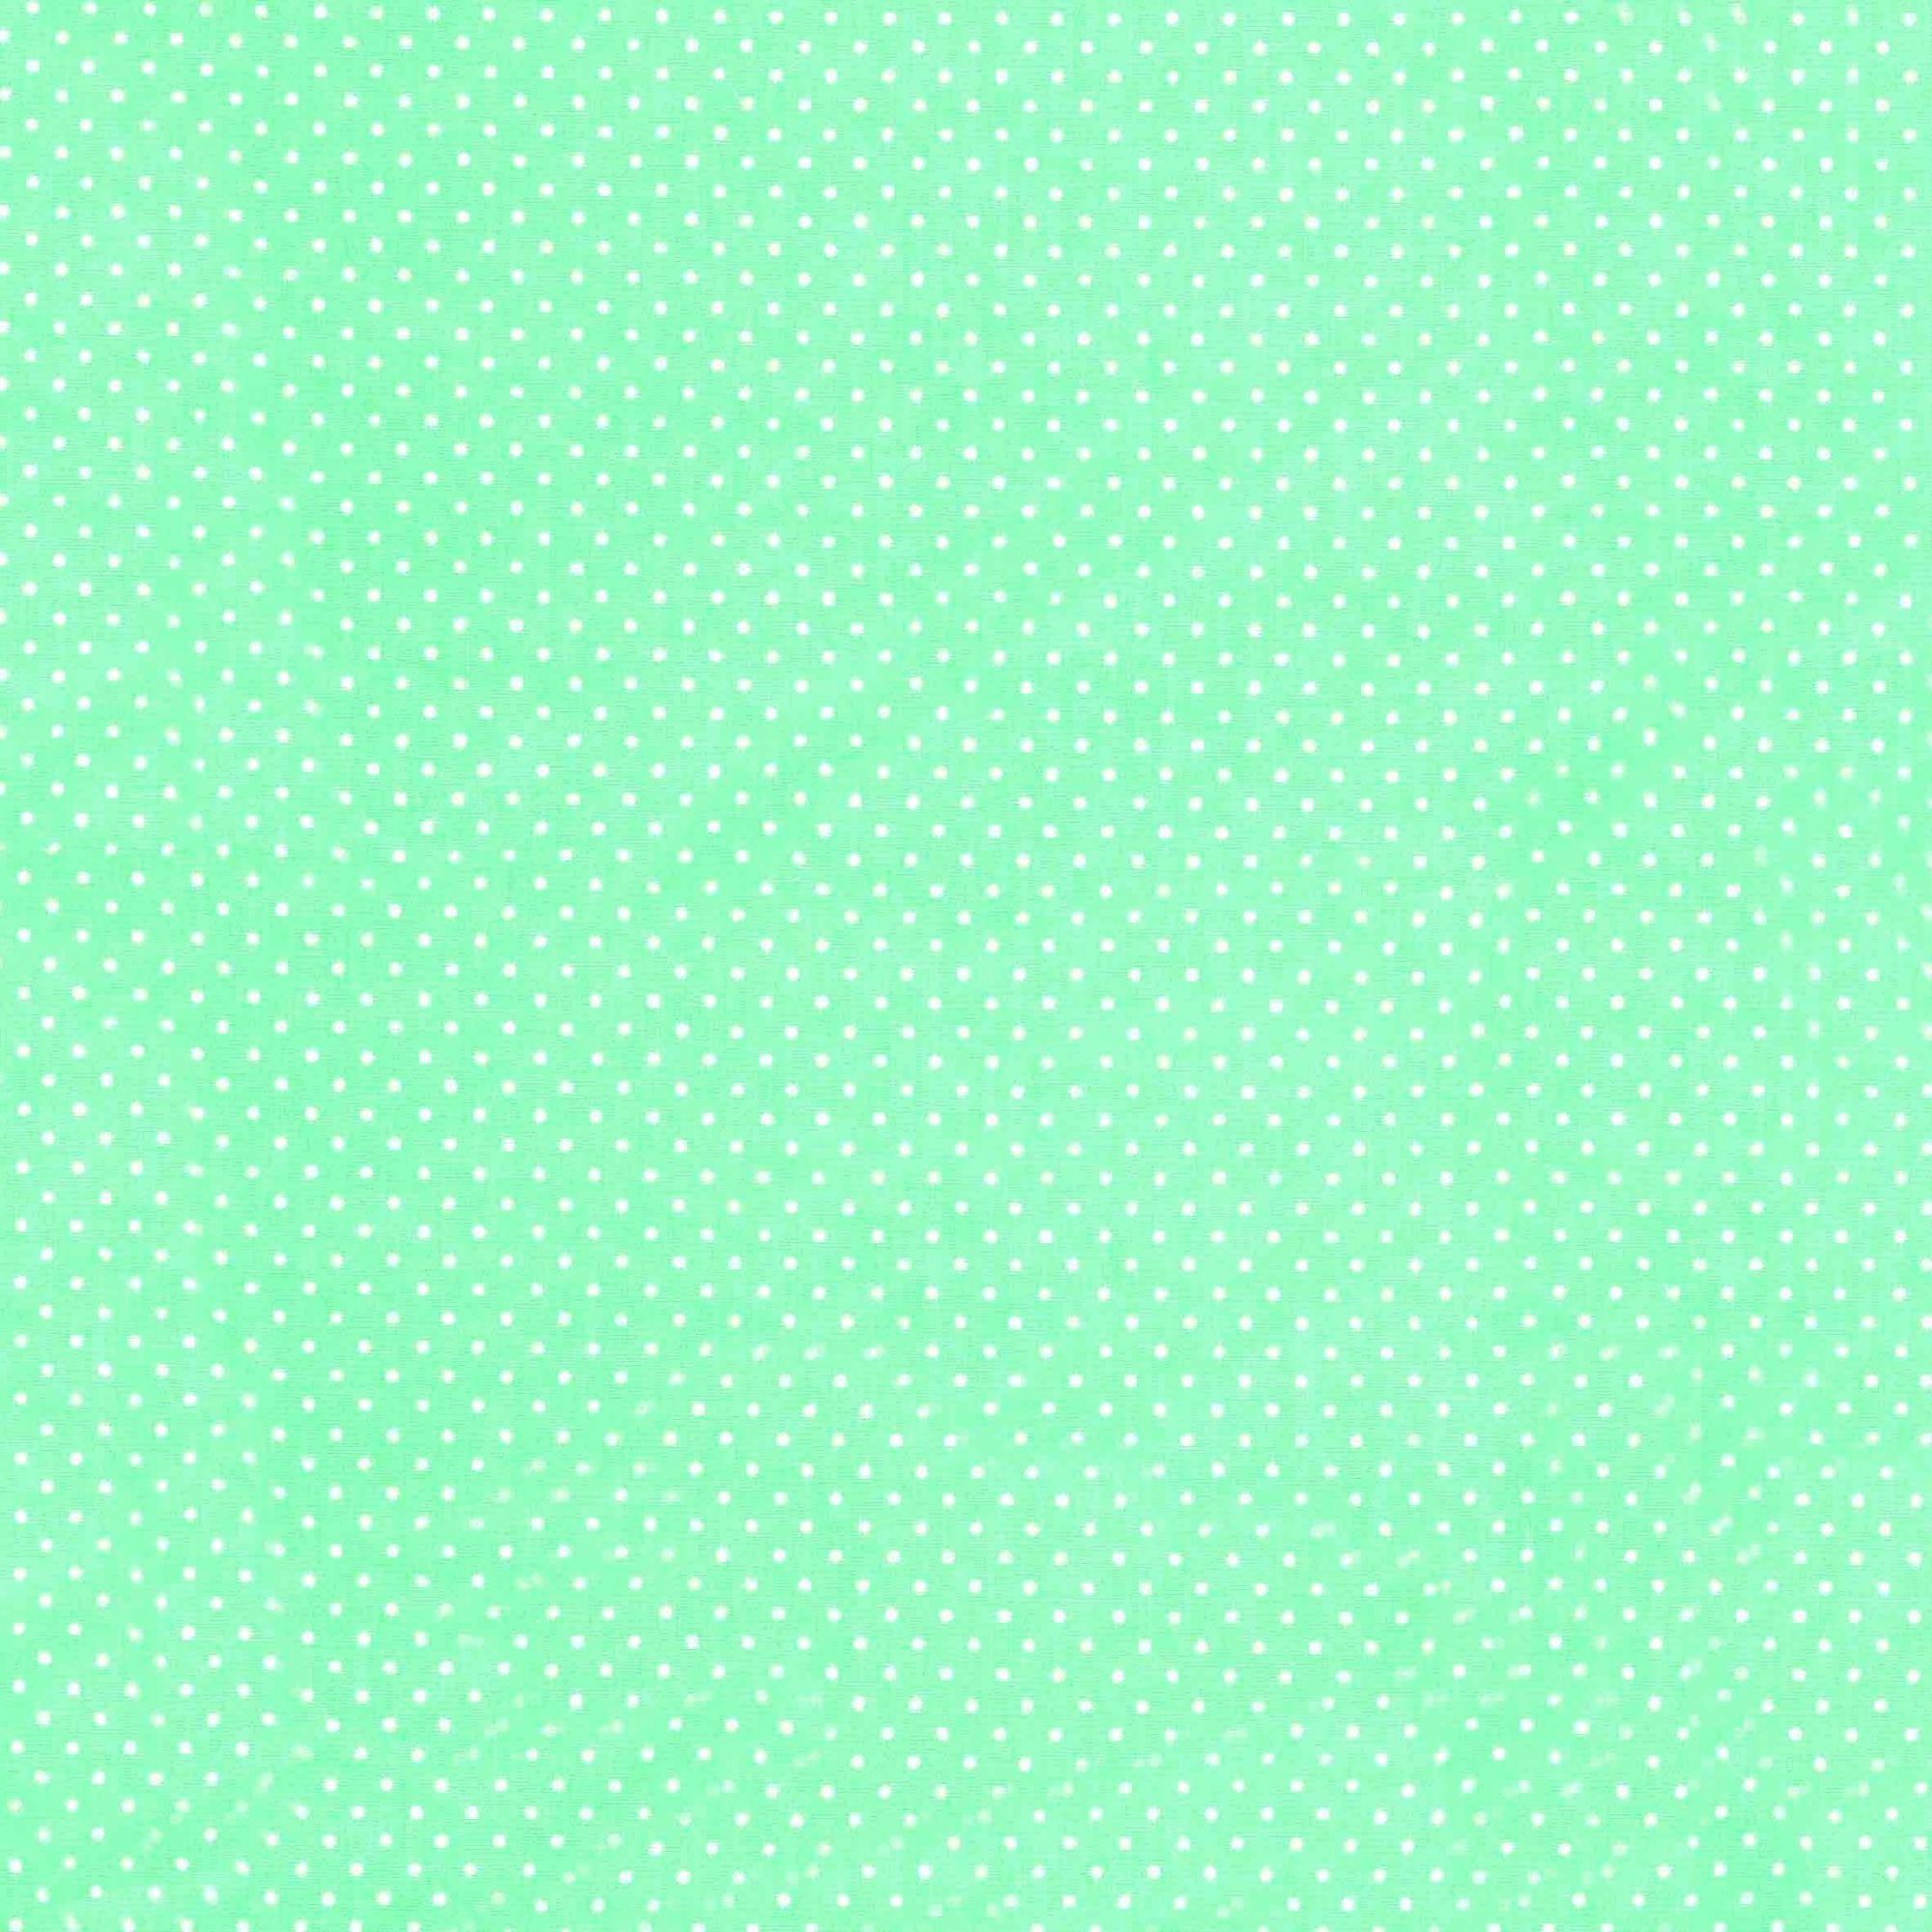 Tecido tricoline estampado poa bolinhas dohler 100% algodão verde/bebe